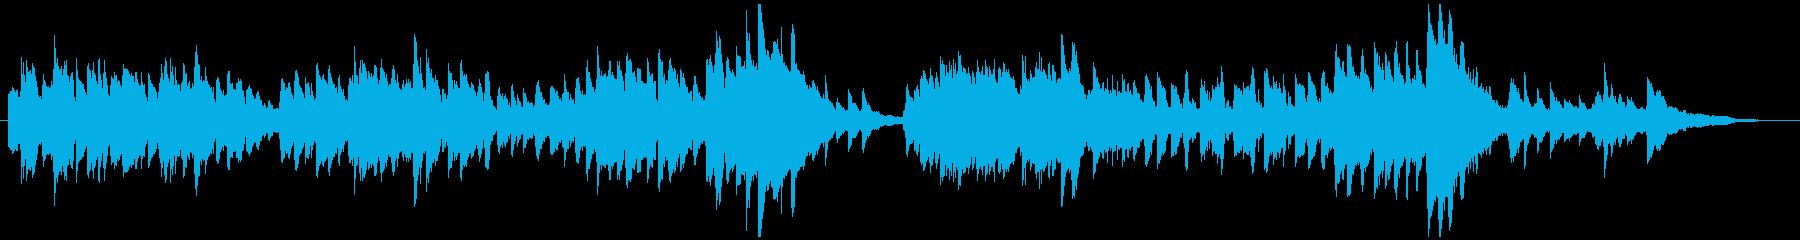 音楽的な楽曲 クラシカルの再生済みの波形